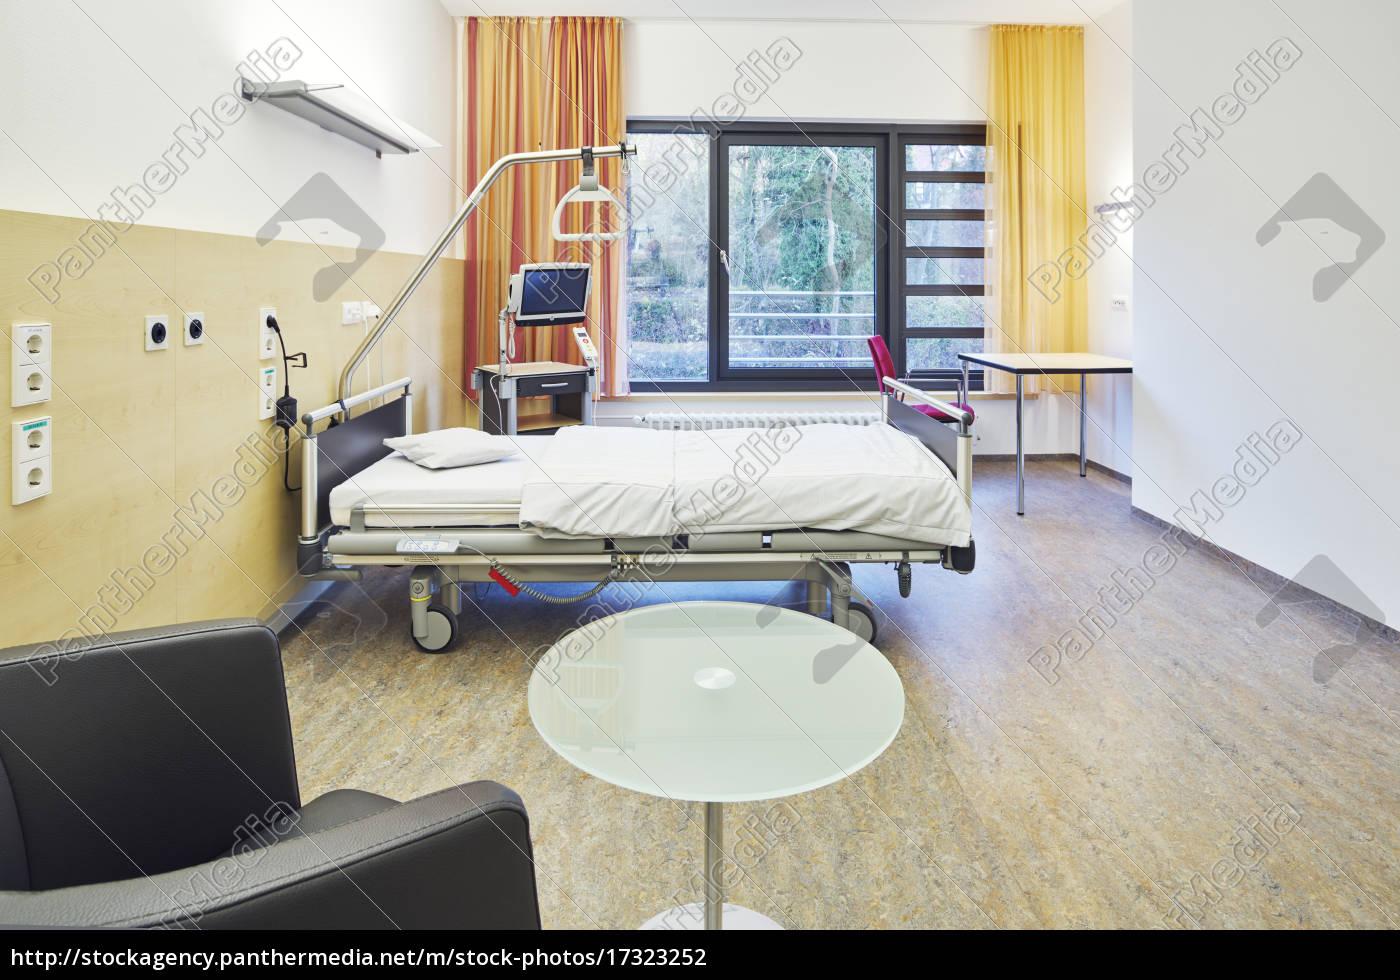 arzt krankenhaus zimmer klinik bett privat von oben lizenzfreies foto 17323252. Black Bedroom Furniture Sets. Home Design Ideas